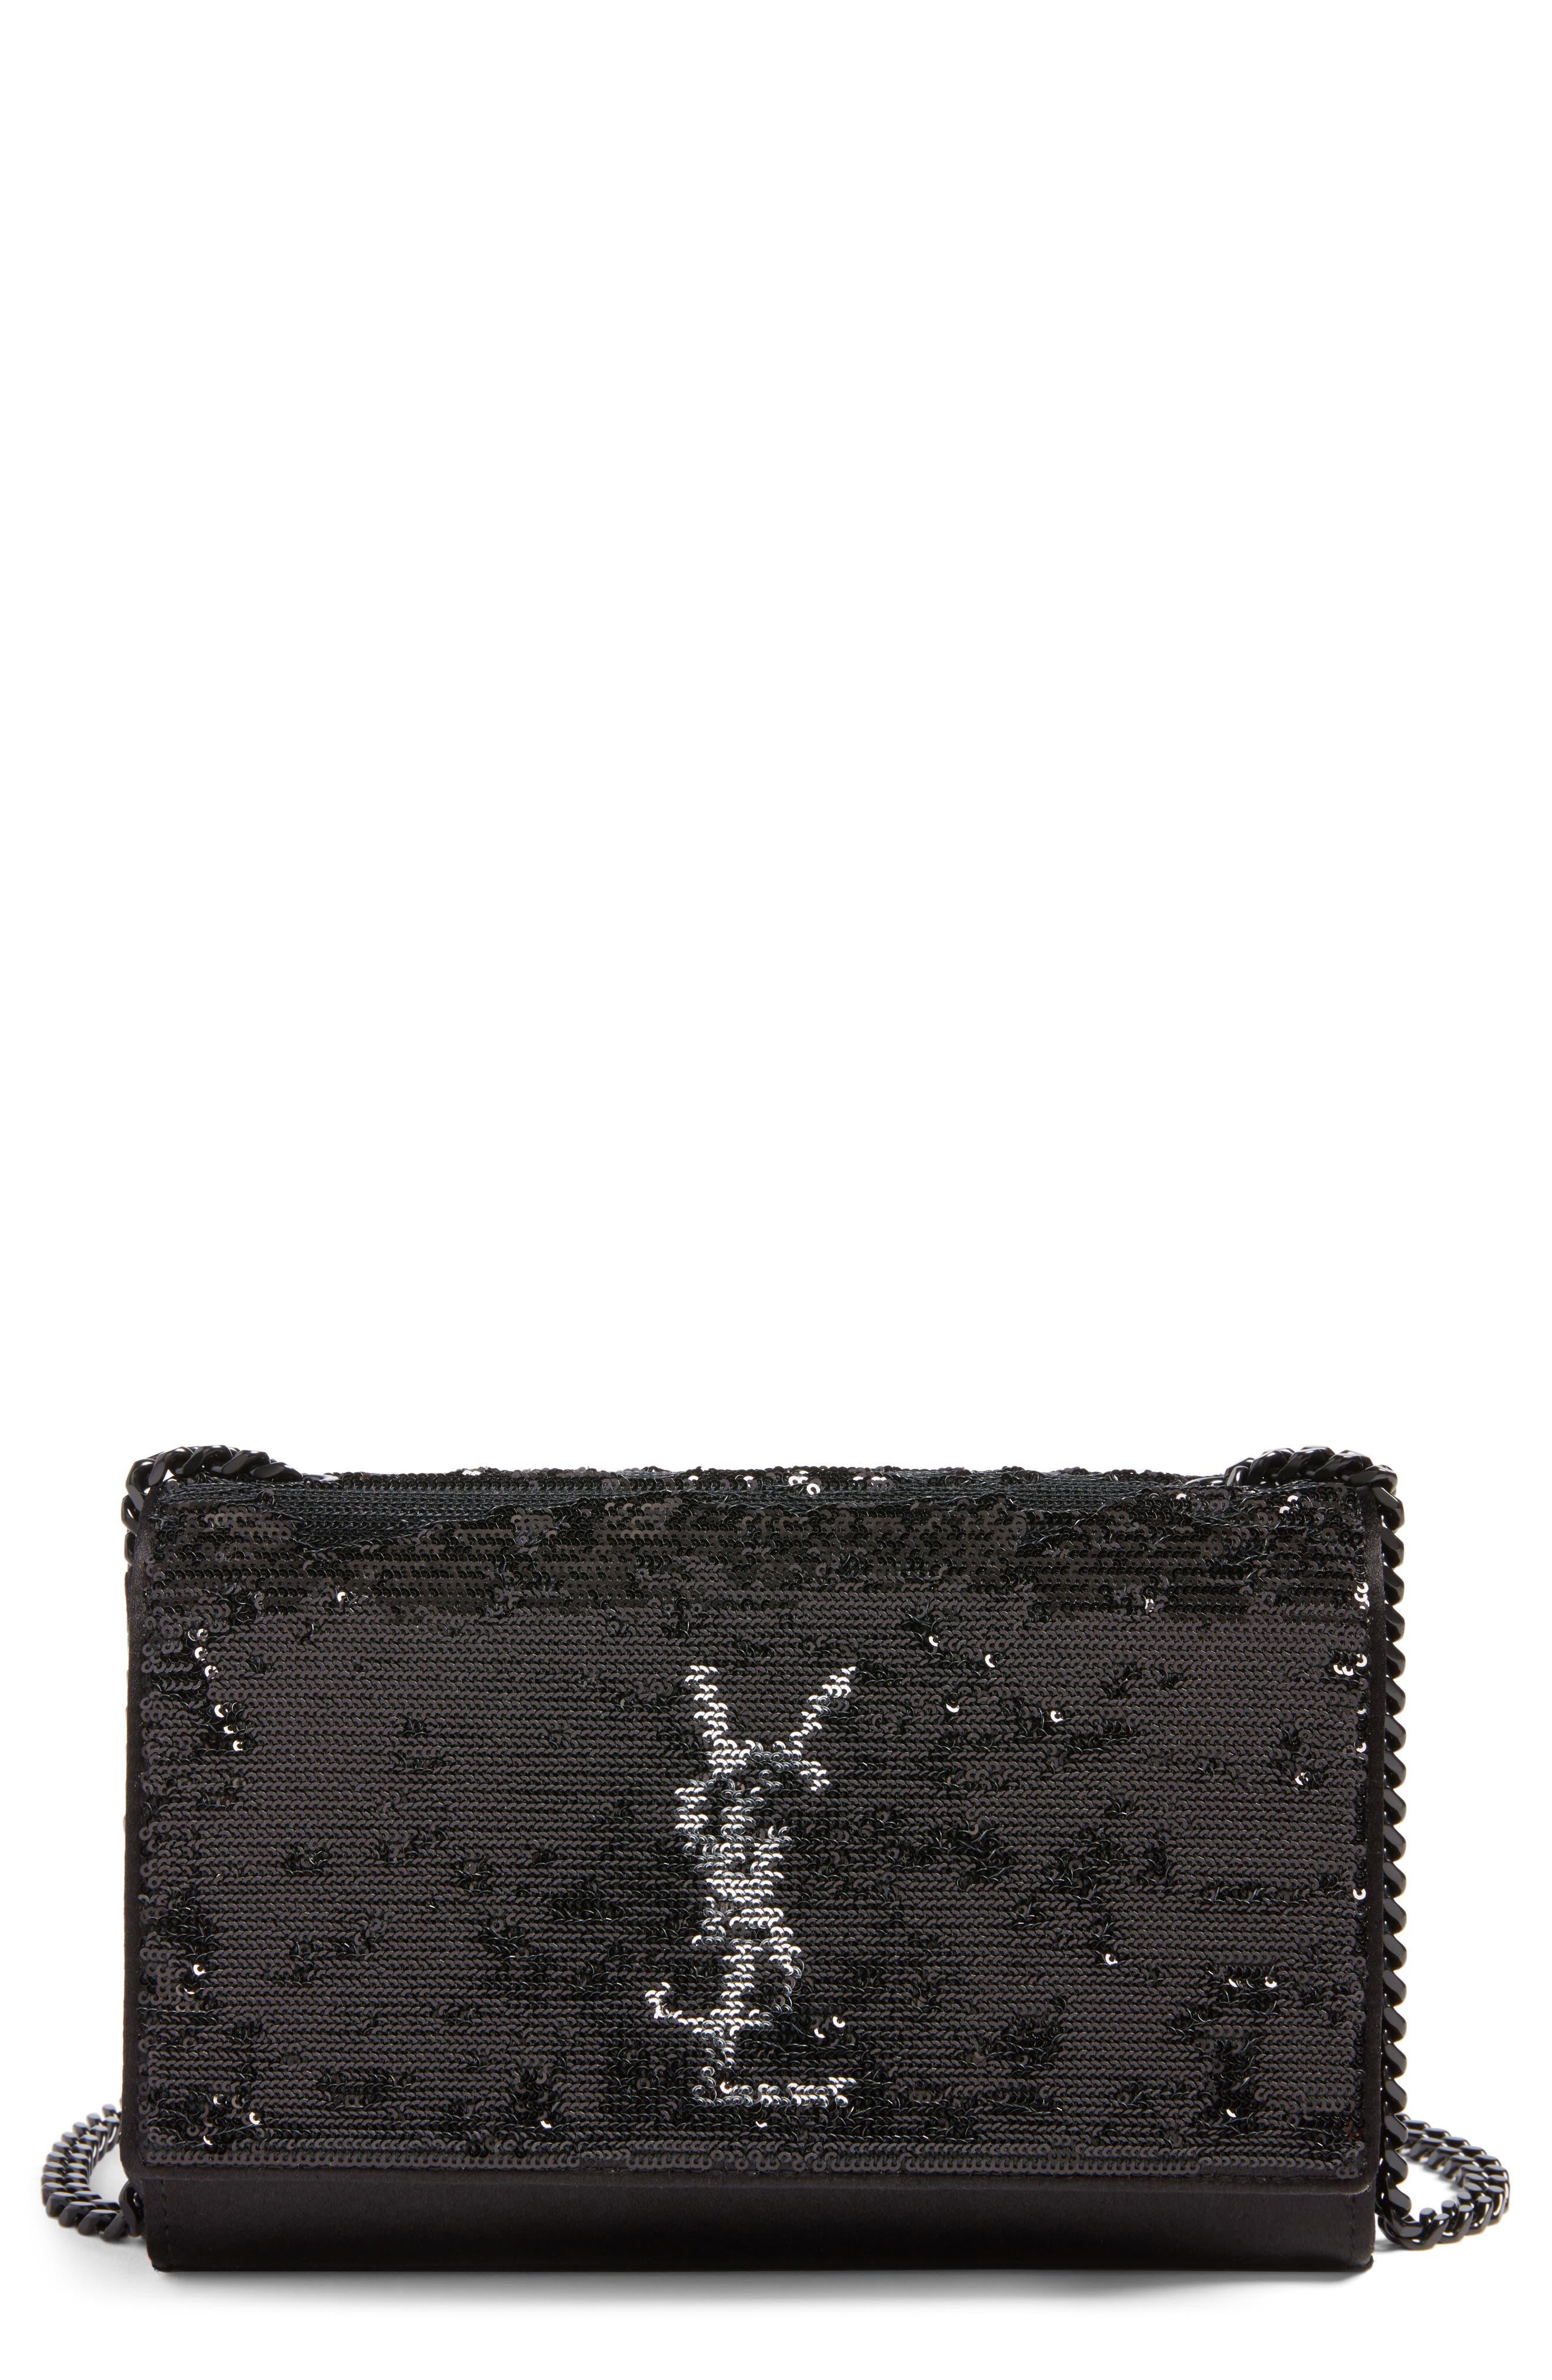 Saint Laurent Small Kate Magic Paillettes Shoulder Bag